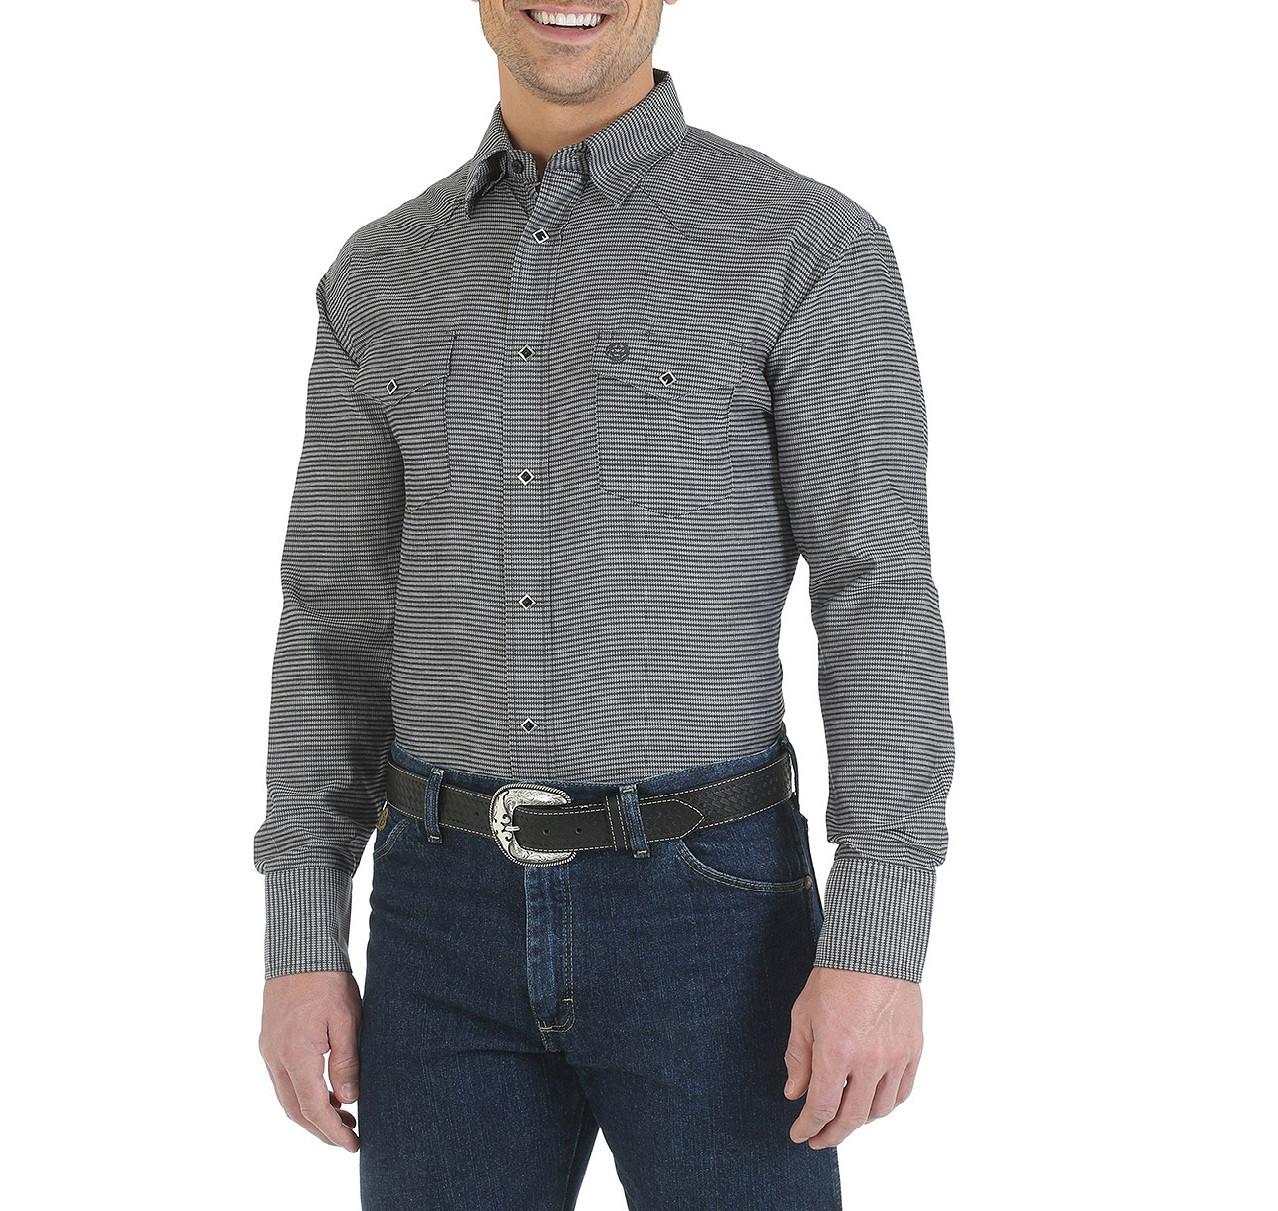 Рубашка Wrangler George Strait, XXL, Black, MGS40BK